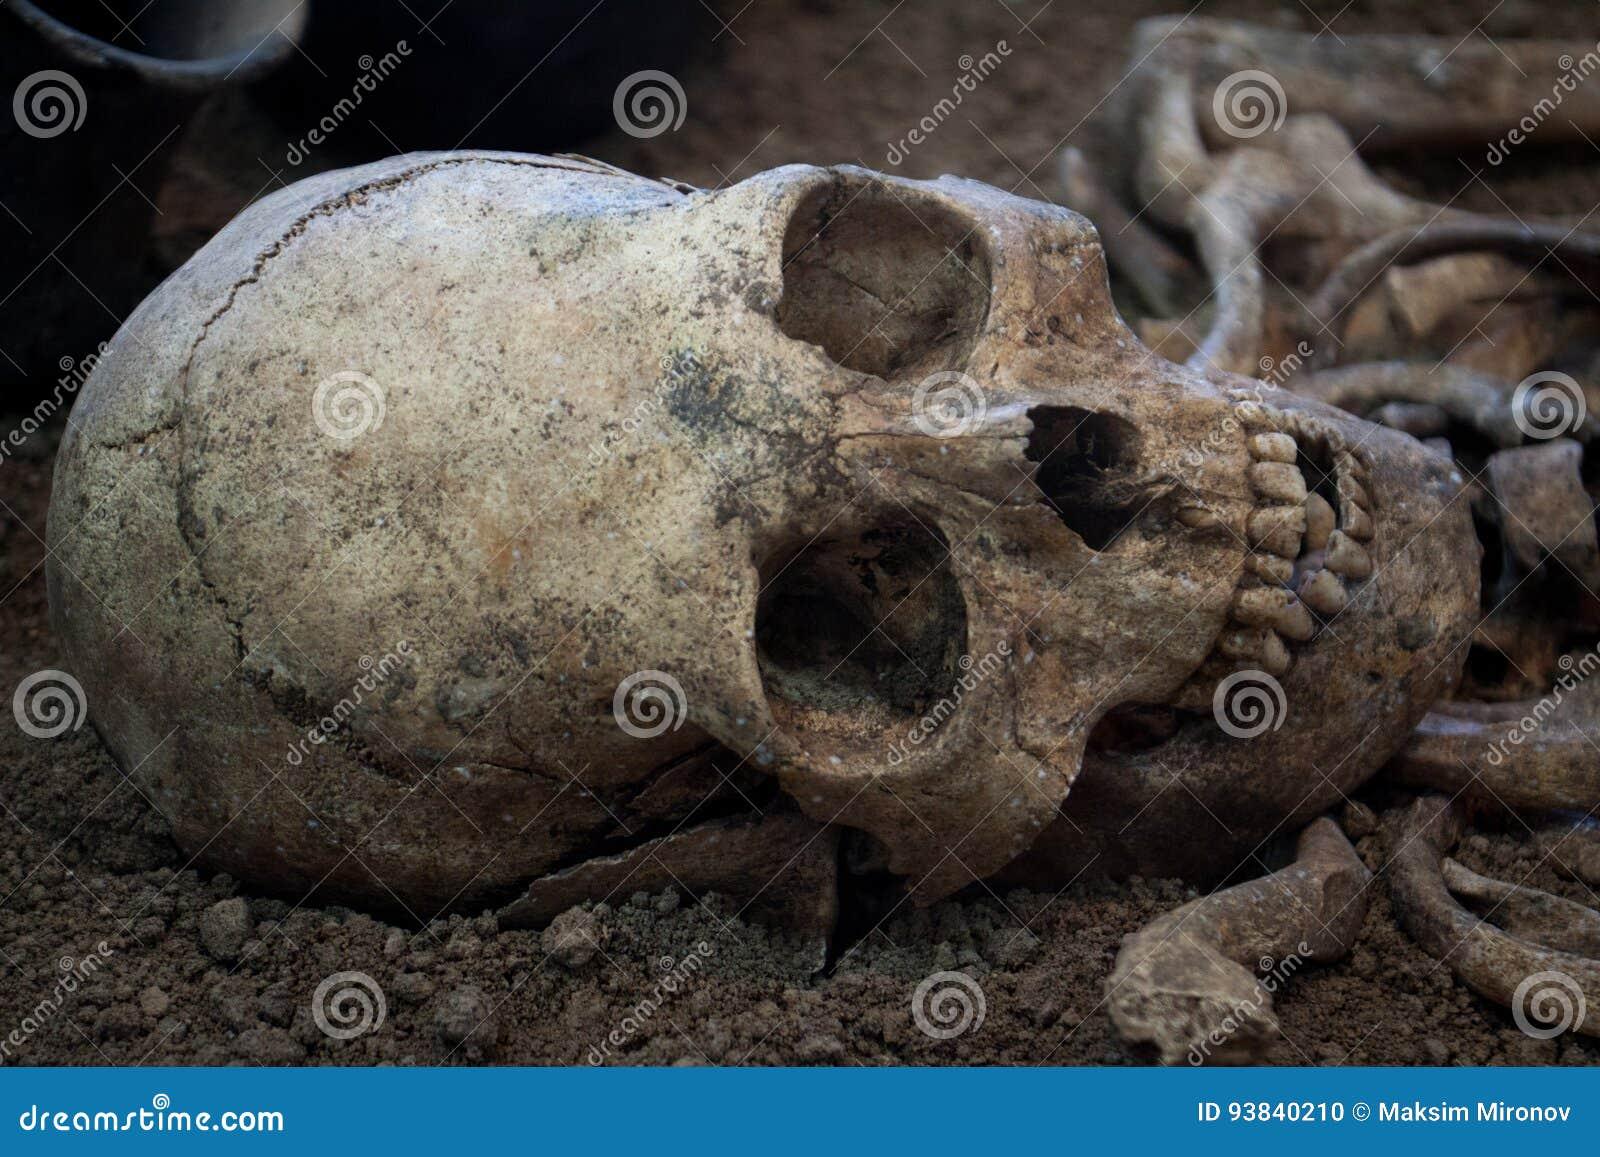 Scavi archeologici di uno scheletro umano antico e di un cranio umano